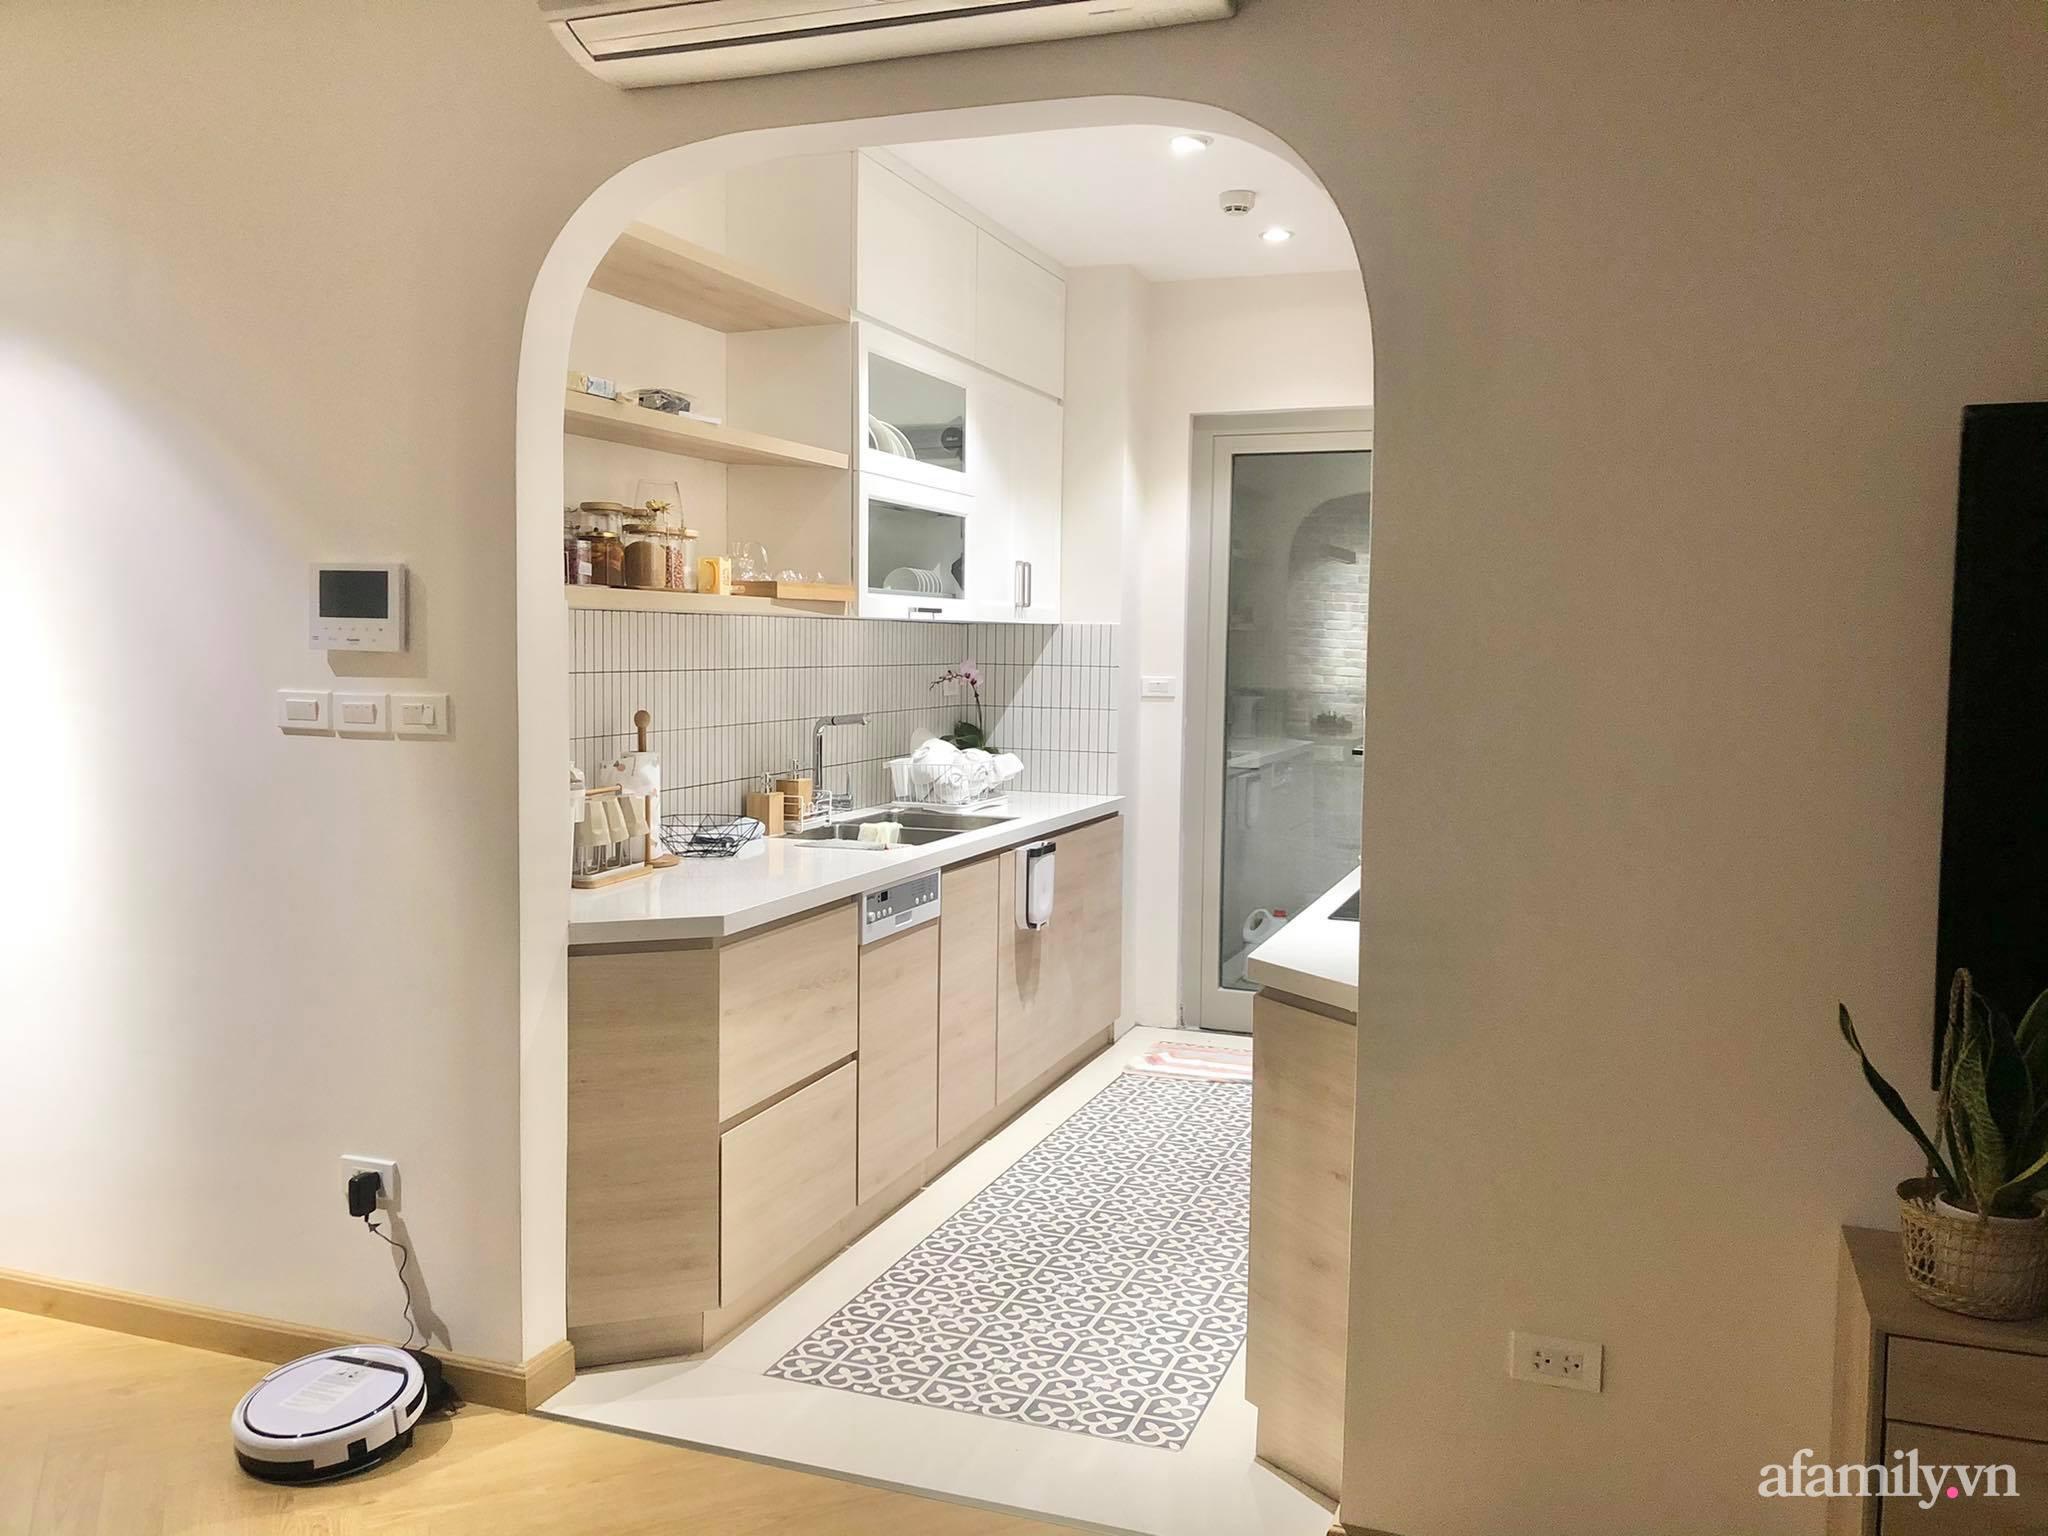 Căn bếp gọn đẹp, ngăn nắp như trong tạp chí nhờ học hỏi bí quyết tối giản của người Nhật - Ảnh 1.